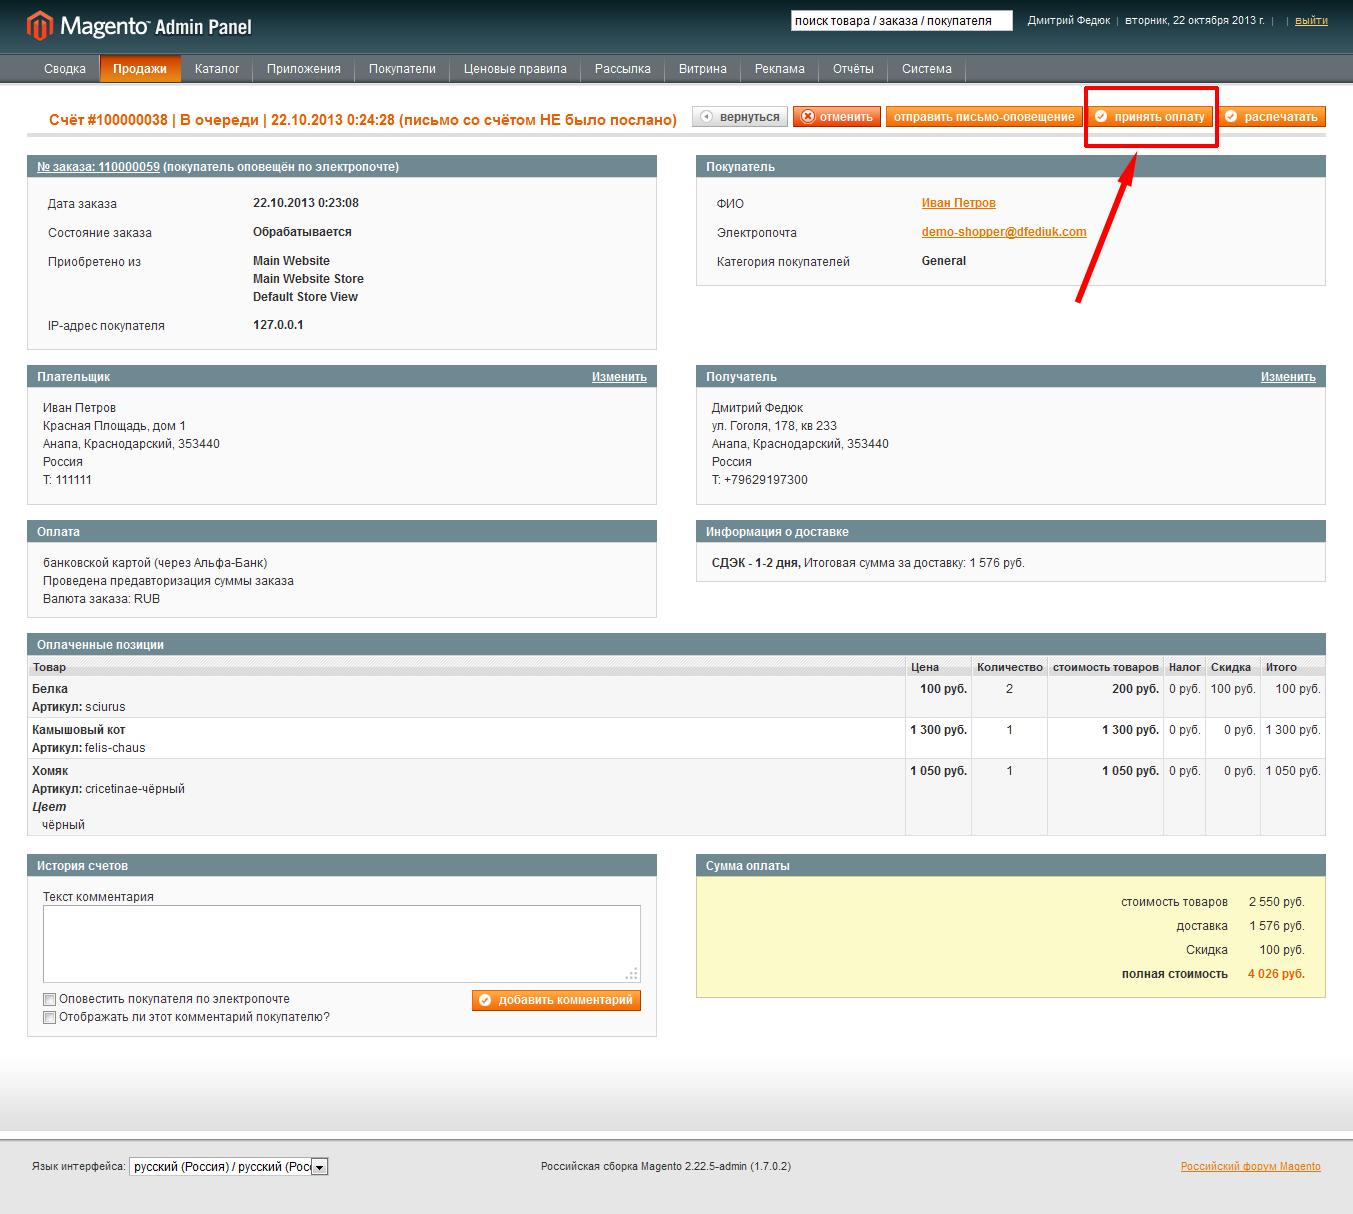 Прикрепленное изображение: alfabank-admin-capture-invoice.png